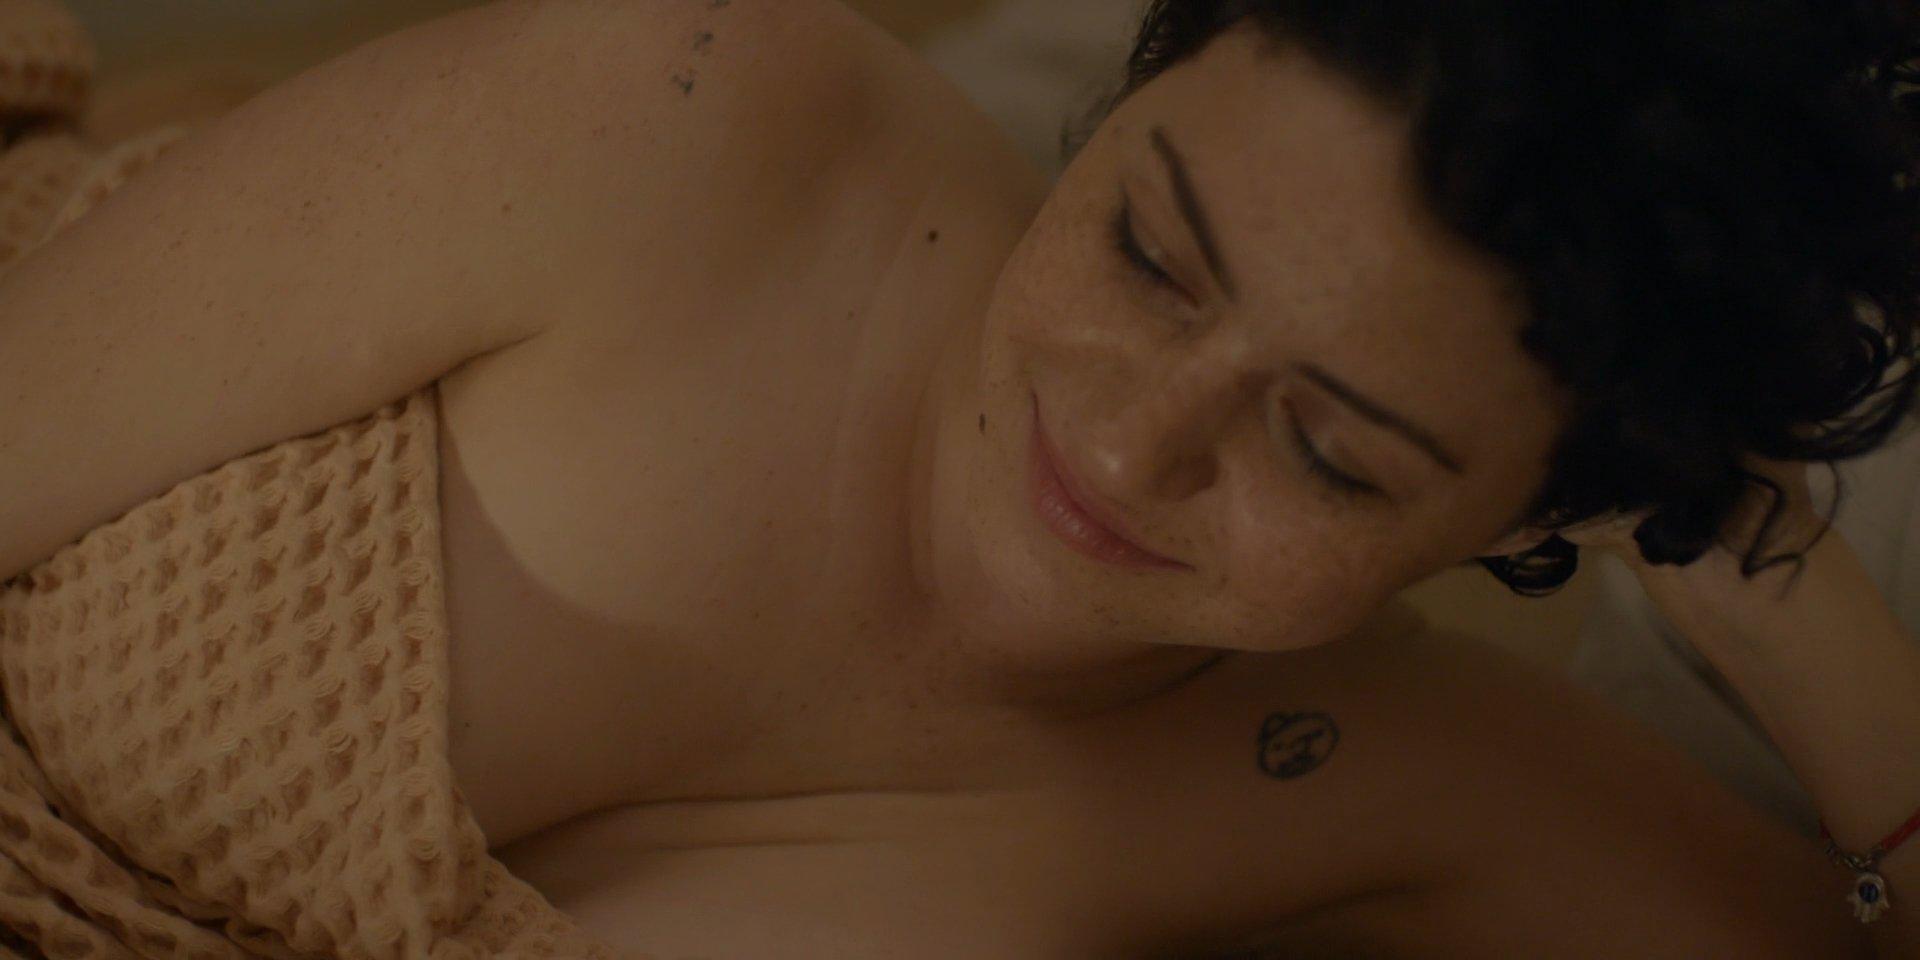 Alia Shawkat sex pic